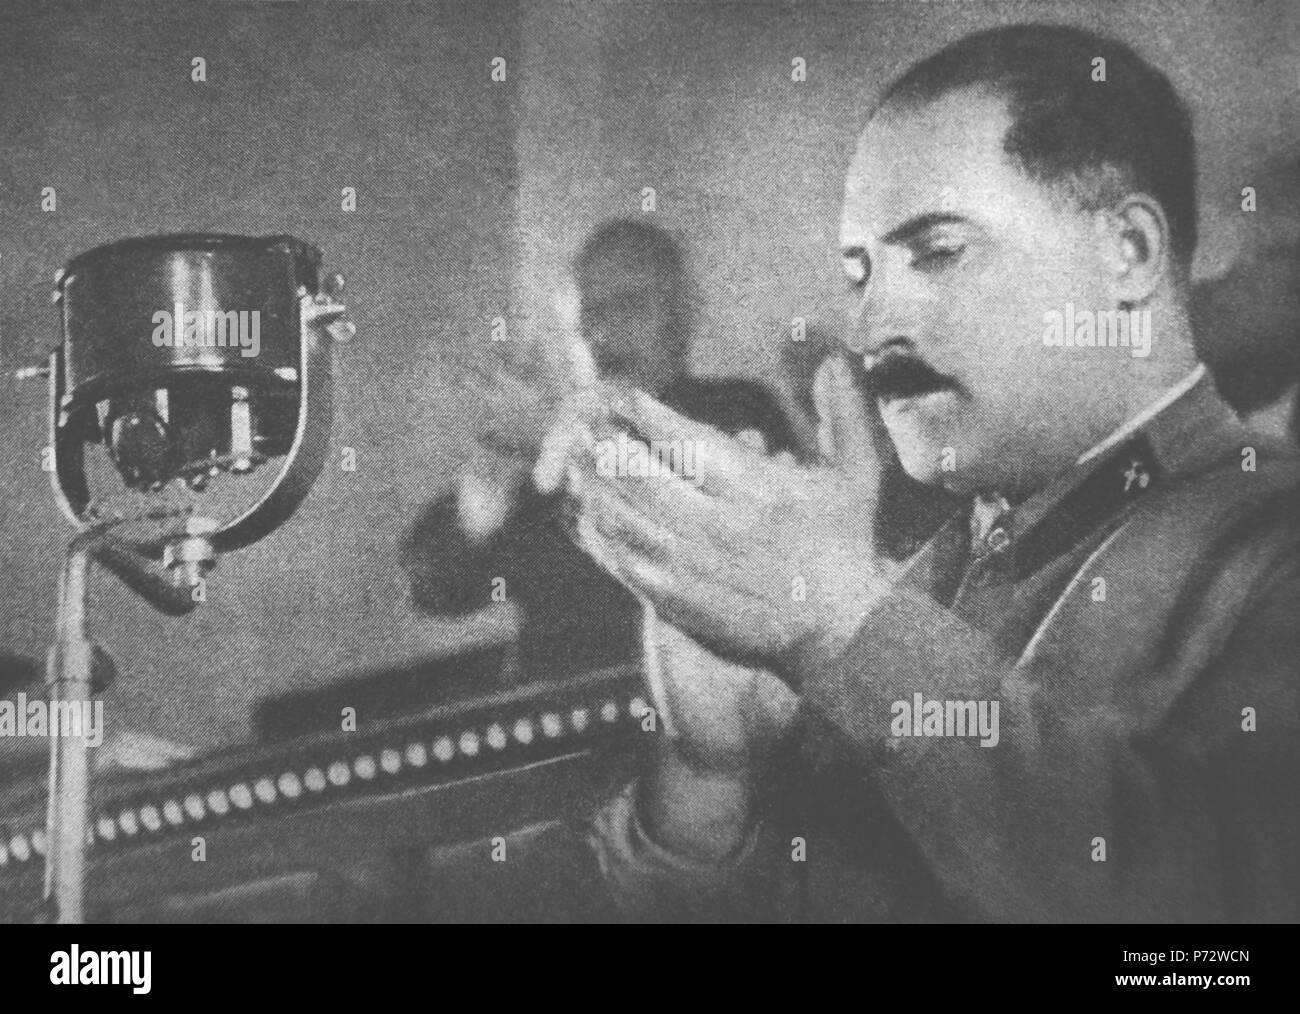 """Englisch: Lazar Kaganowitsch Spitznamen Bügeleisen Lazar für seine Rücksichtslosigkeit bei der Umsetzung Stalins bestellen. Als Politbüromitglied er persönlich 188 Stalins Ausführung Listen unterzeichnet, mit Namen von mehr als 19.000 Menschen. Er genehmigte """"Anführungszeichen"""" für Kategorien in den NKWD Um ?00447. Sein Bruder Michail Kaganowitsch Selbstmord erwartet, Verhaftung und Hinrichtung. ??????????: ????? ????????? ??????? ???????? ????? ??????????'' ?? ???? ?????????? ? ????????? ?????????? ???????. ?????? ?????? ?????????, ??? ???????? ???????? 188 ???????????? ??????? (????????), ?? ??????? ????? ????? ??? 19 000 Stockbild"""